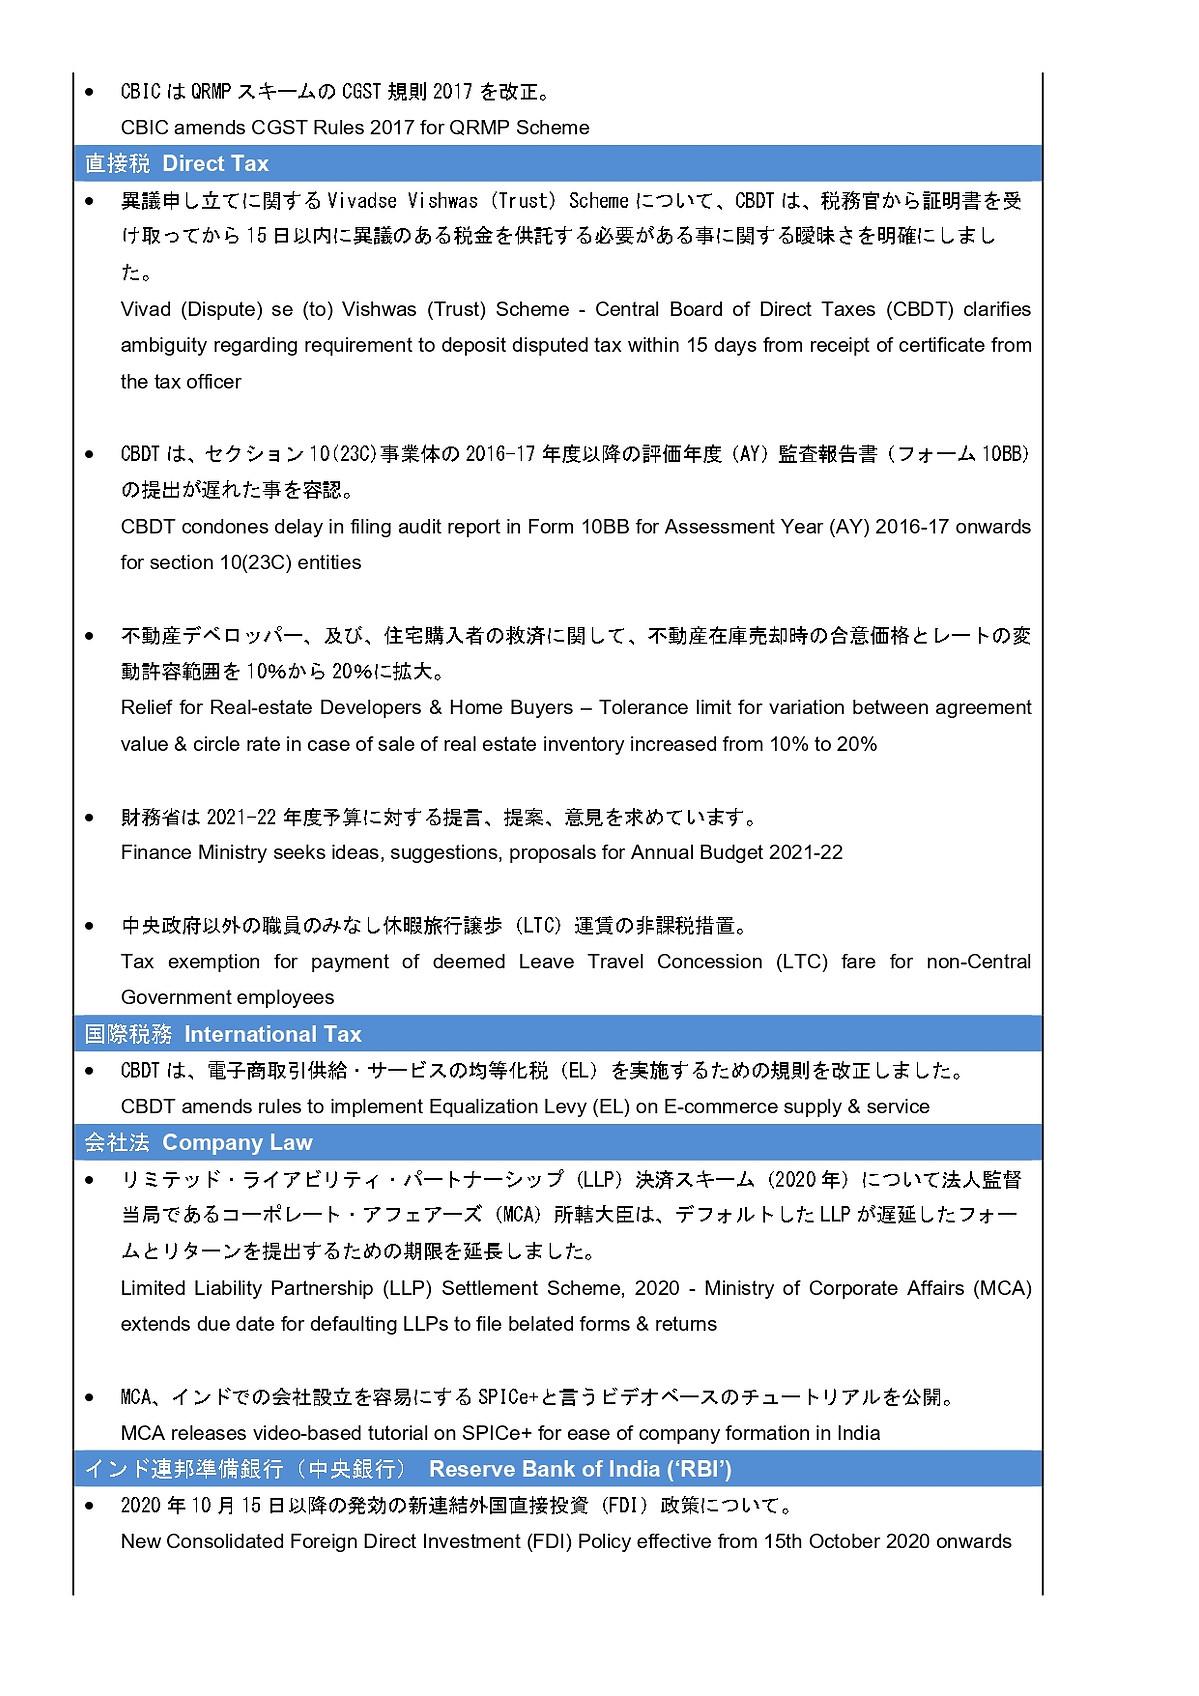 文書 1_page-0003.jpg